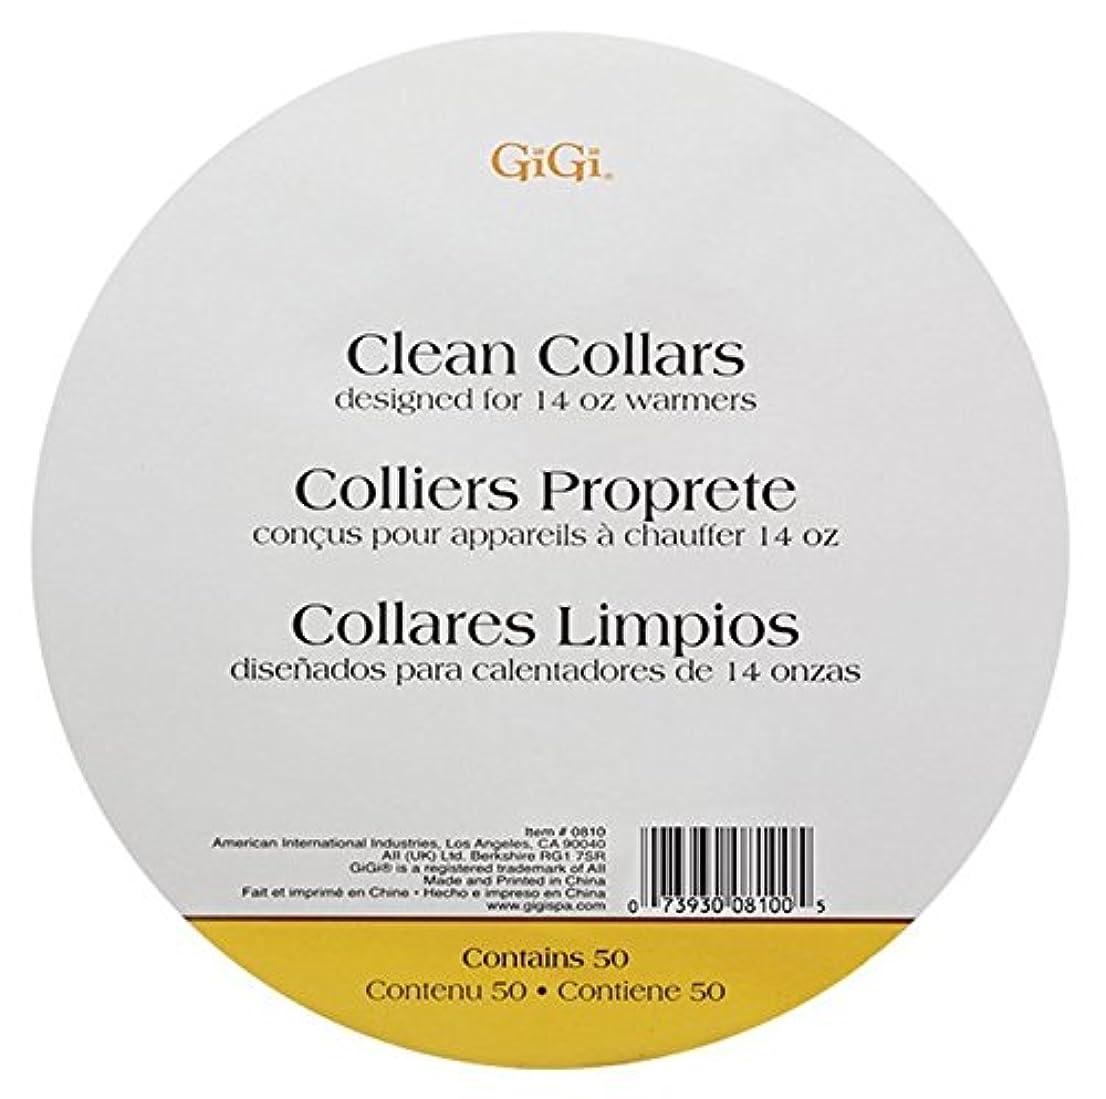 音節ばか形成Gigi Clean Collars For 14 oz by GiGi